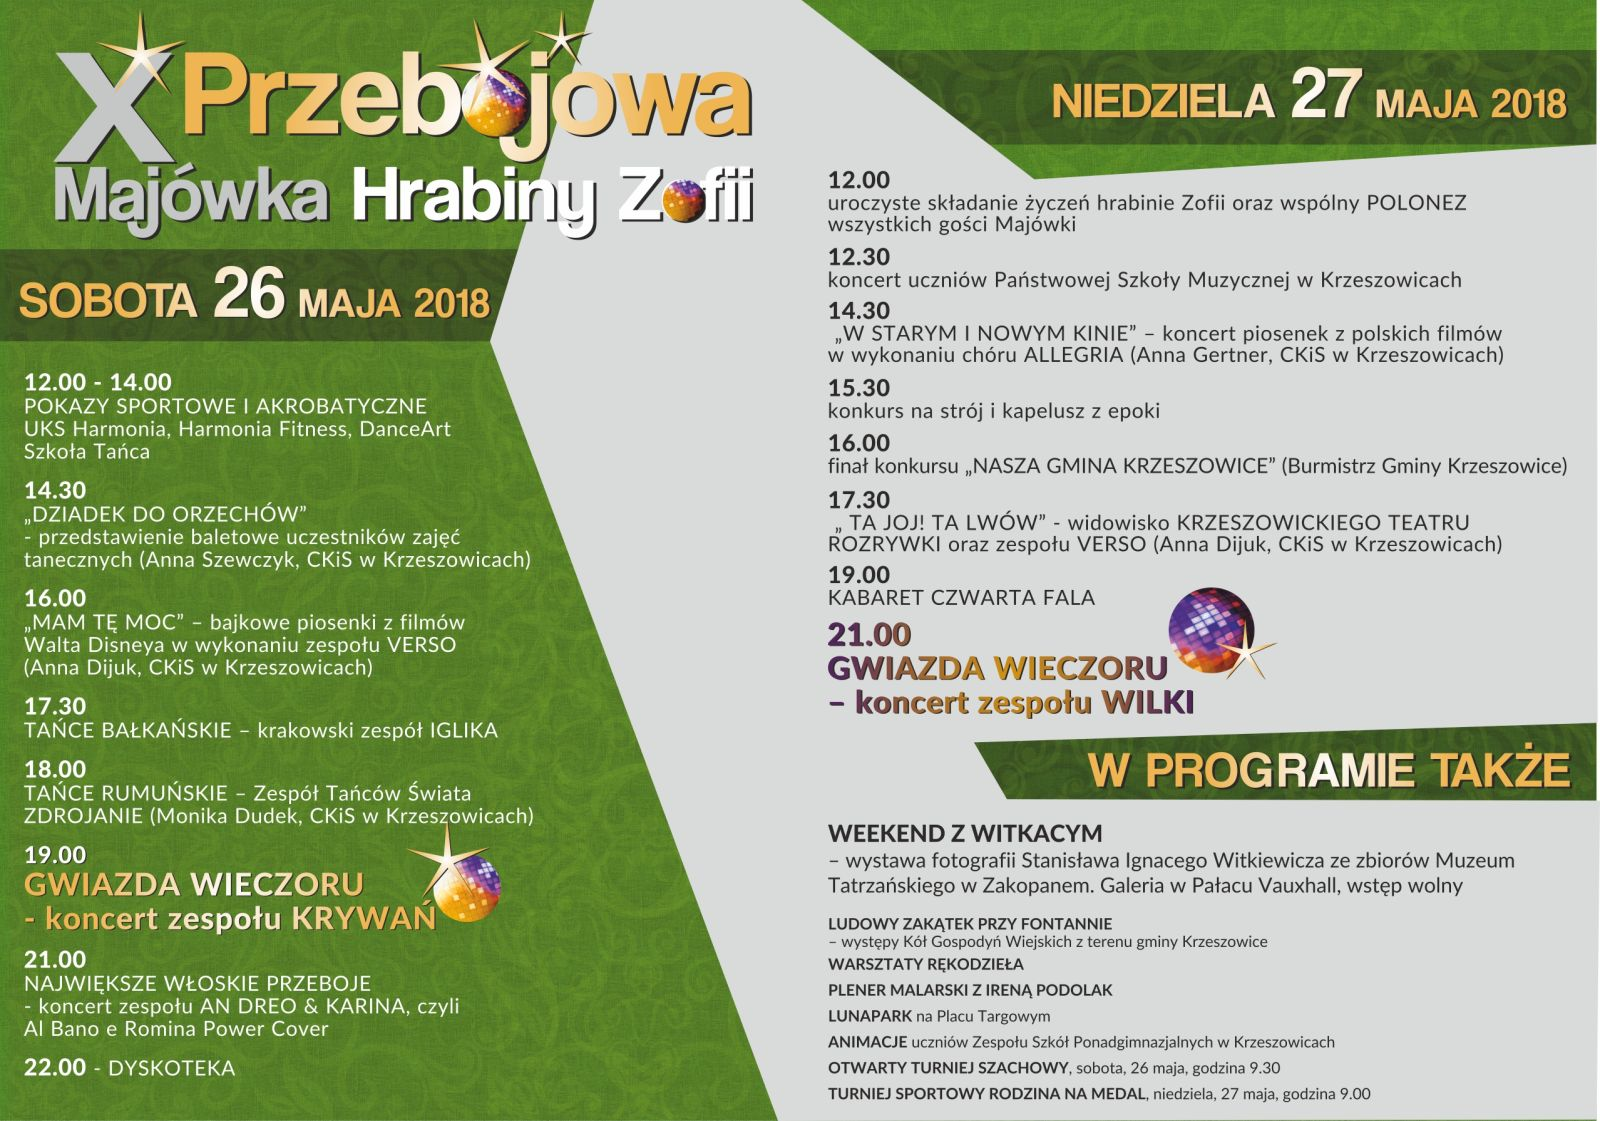 Majówka Hrabiny Zofii oraz Jarmark Tradycji i Rękodzieła